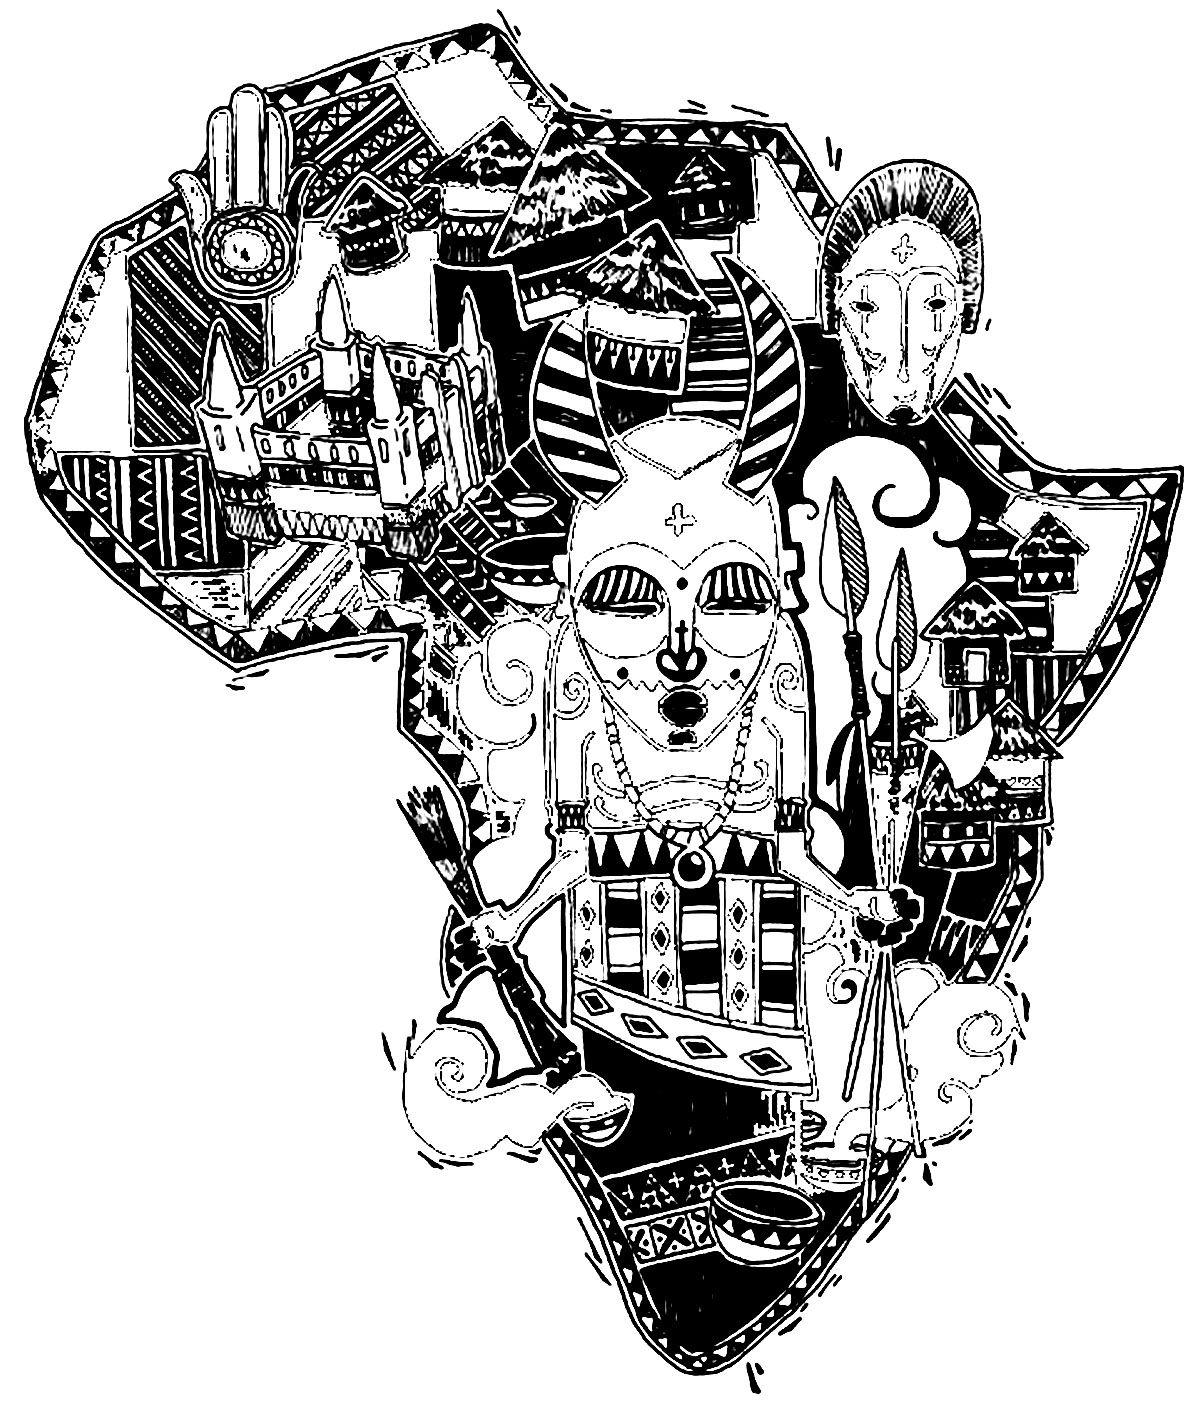 Afrique Carte Symboles - Coloriage Du Continent Africain encequiconcerne Dessin Africain A Colorier